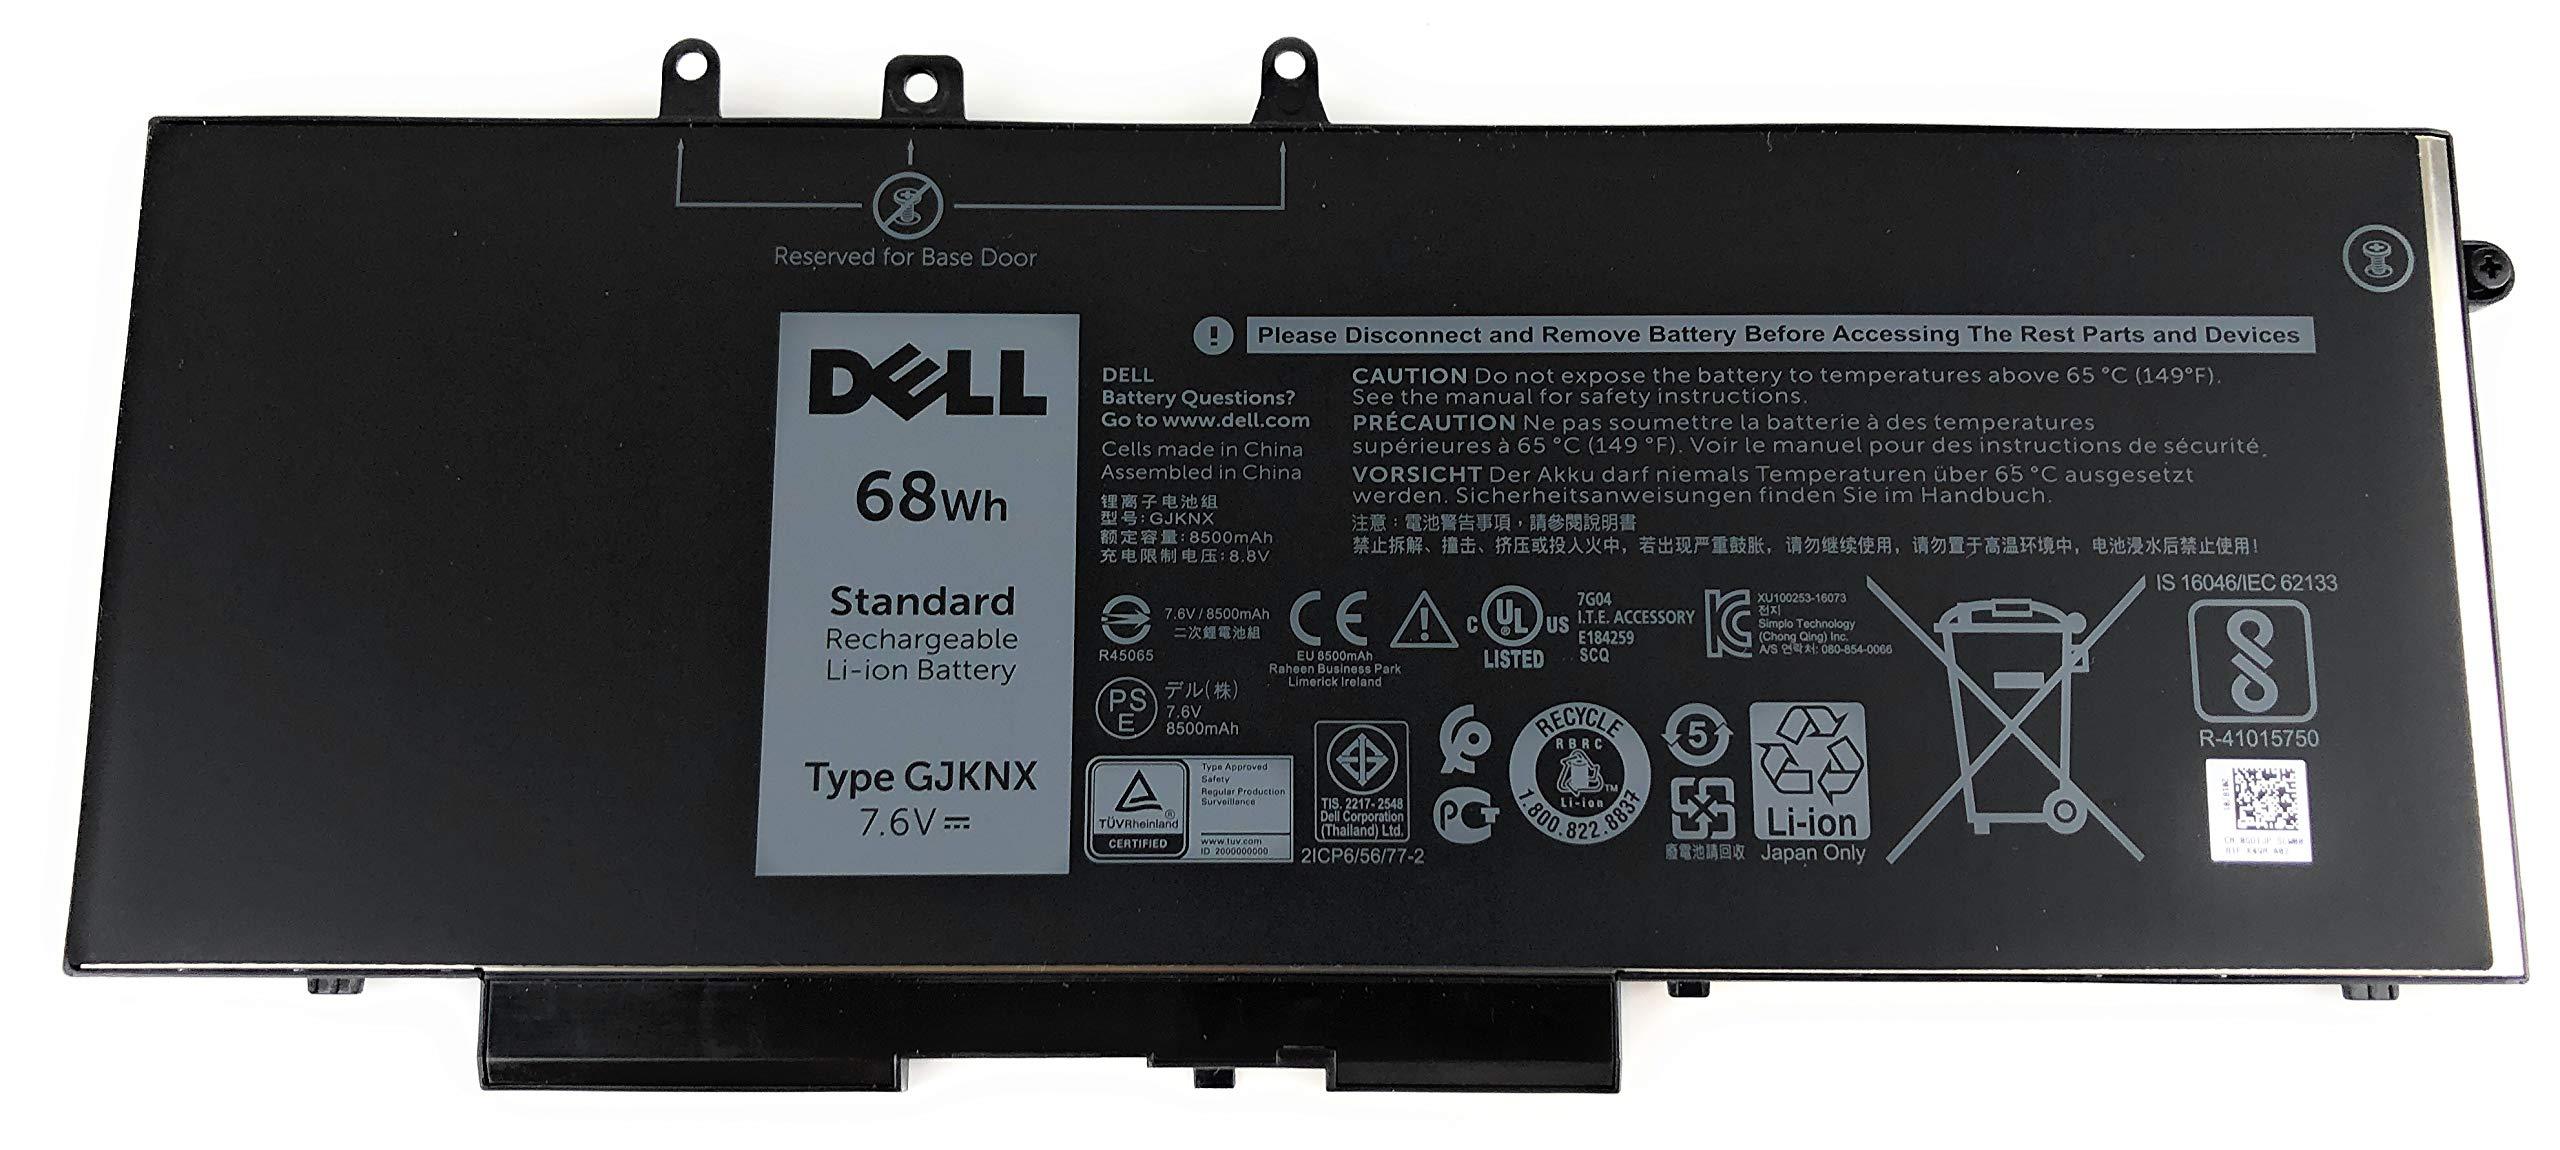 Genuine Dell Latitude 5480 E5580 5490 E5590 and Precision 3520 Notebook Battery 7.6 V 68wh GJKNX-1 by Dell (Image #1)